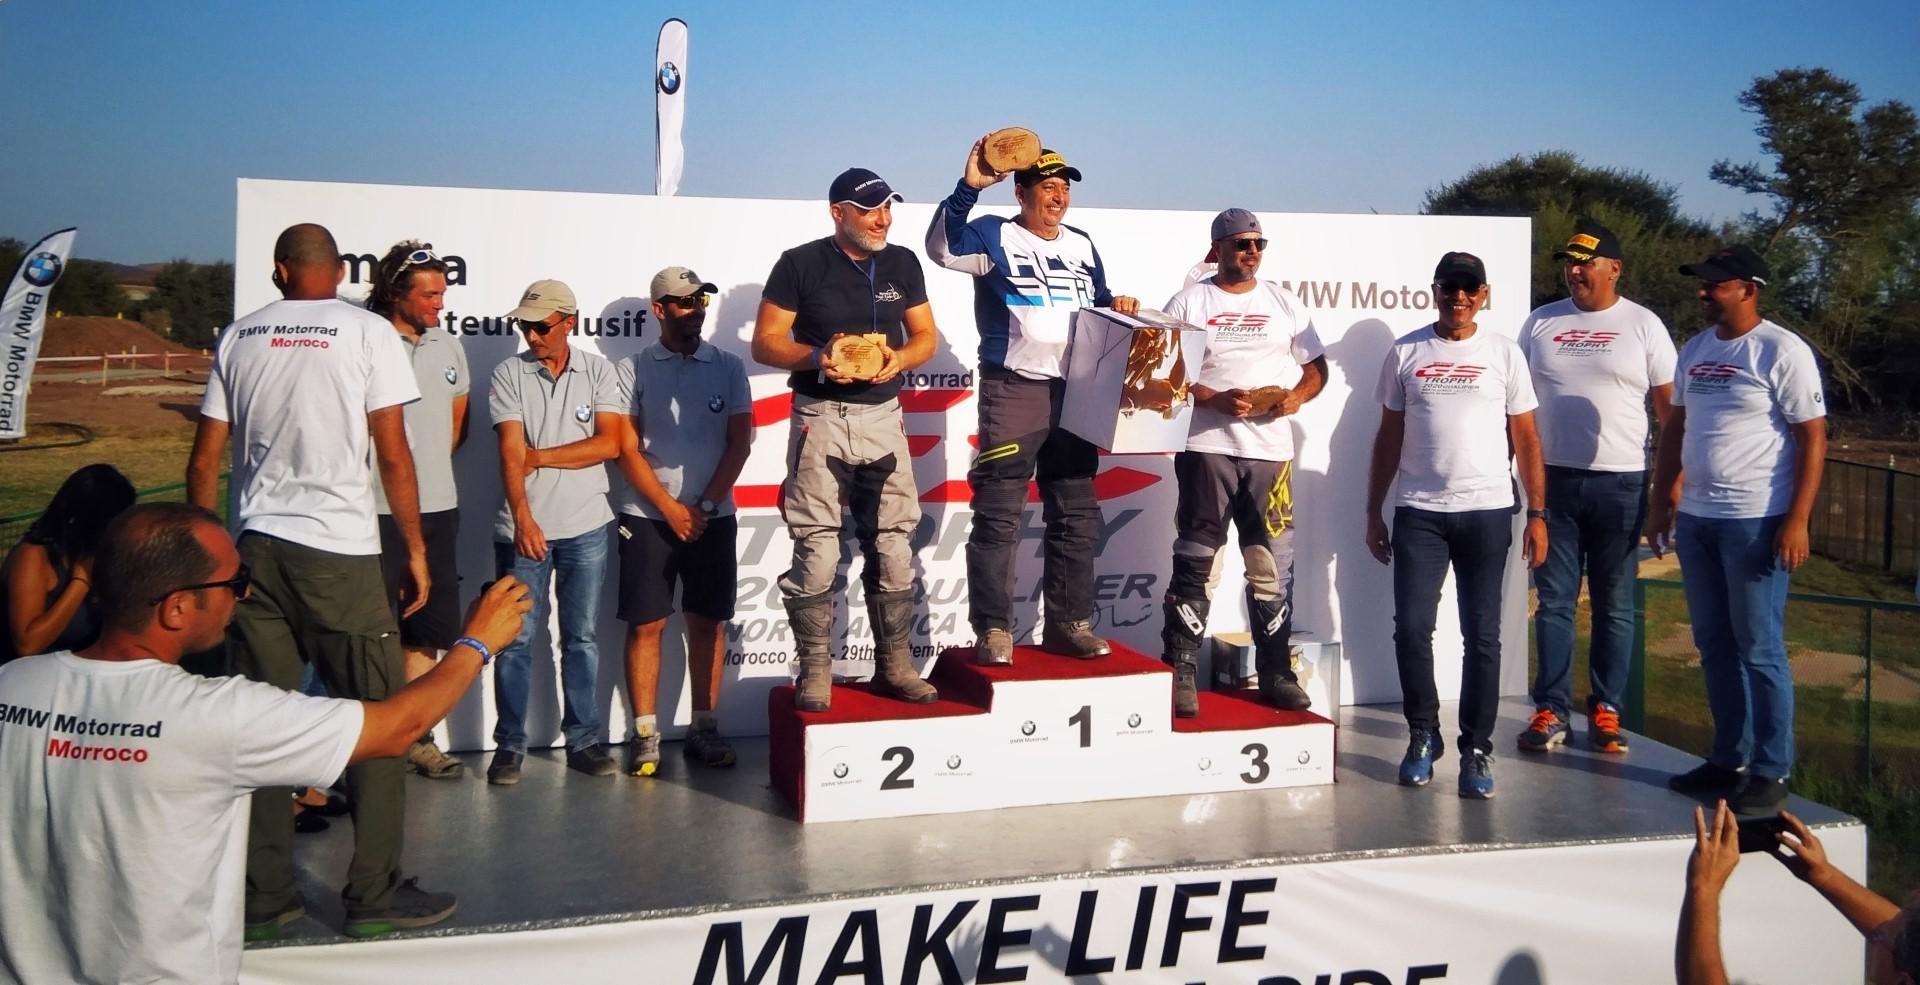 1ere-edition-reussi-du-gs-trophy-afrique-du-nord-1122-15.jpg